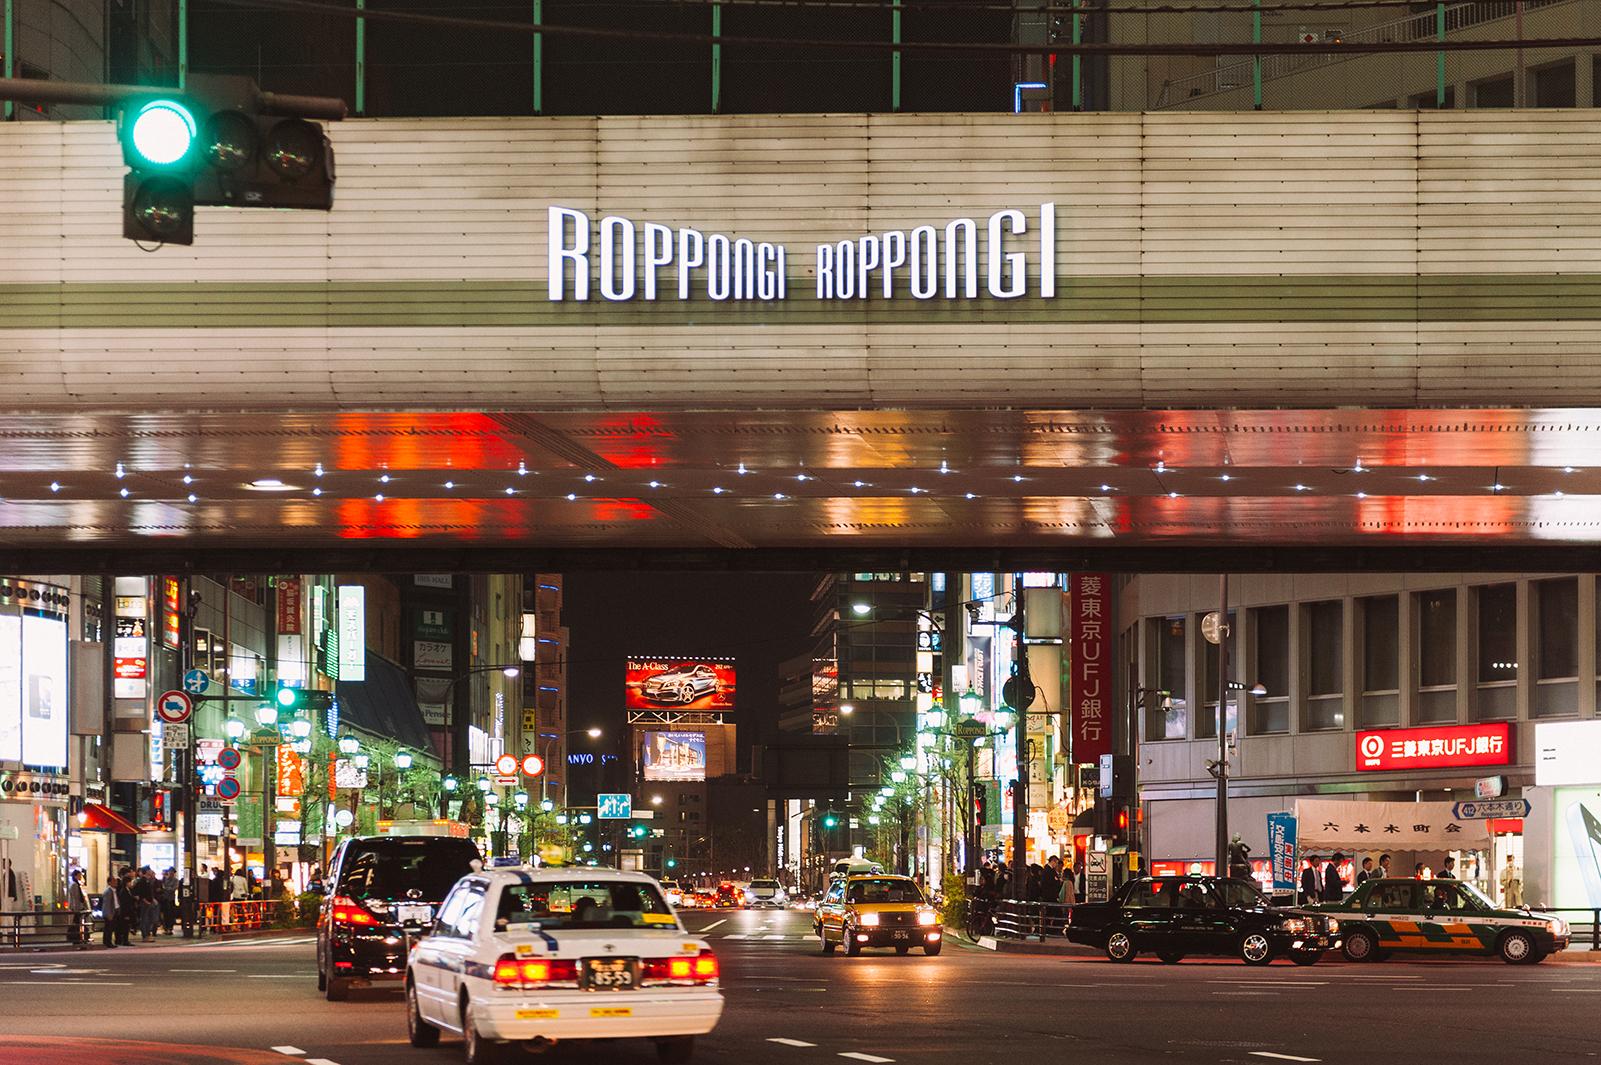 Квартал Роппонги - центр ночной жизни Токио